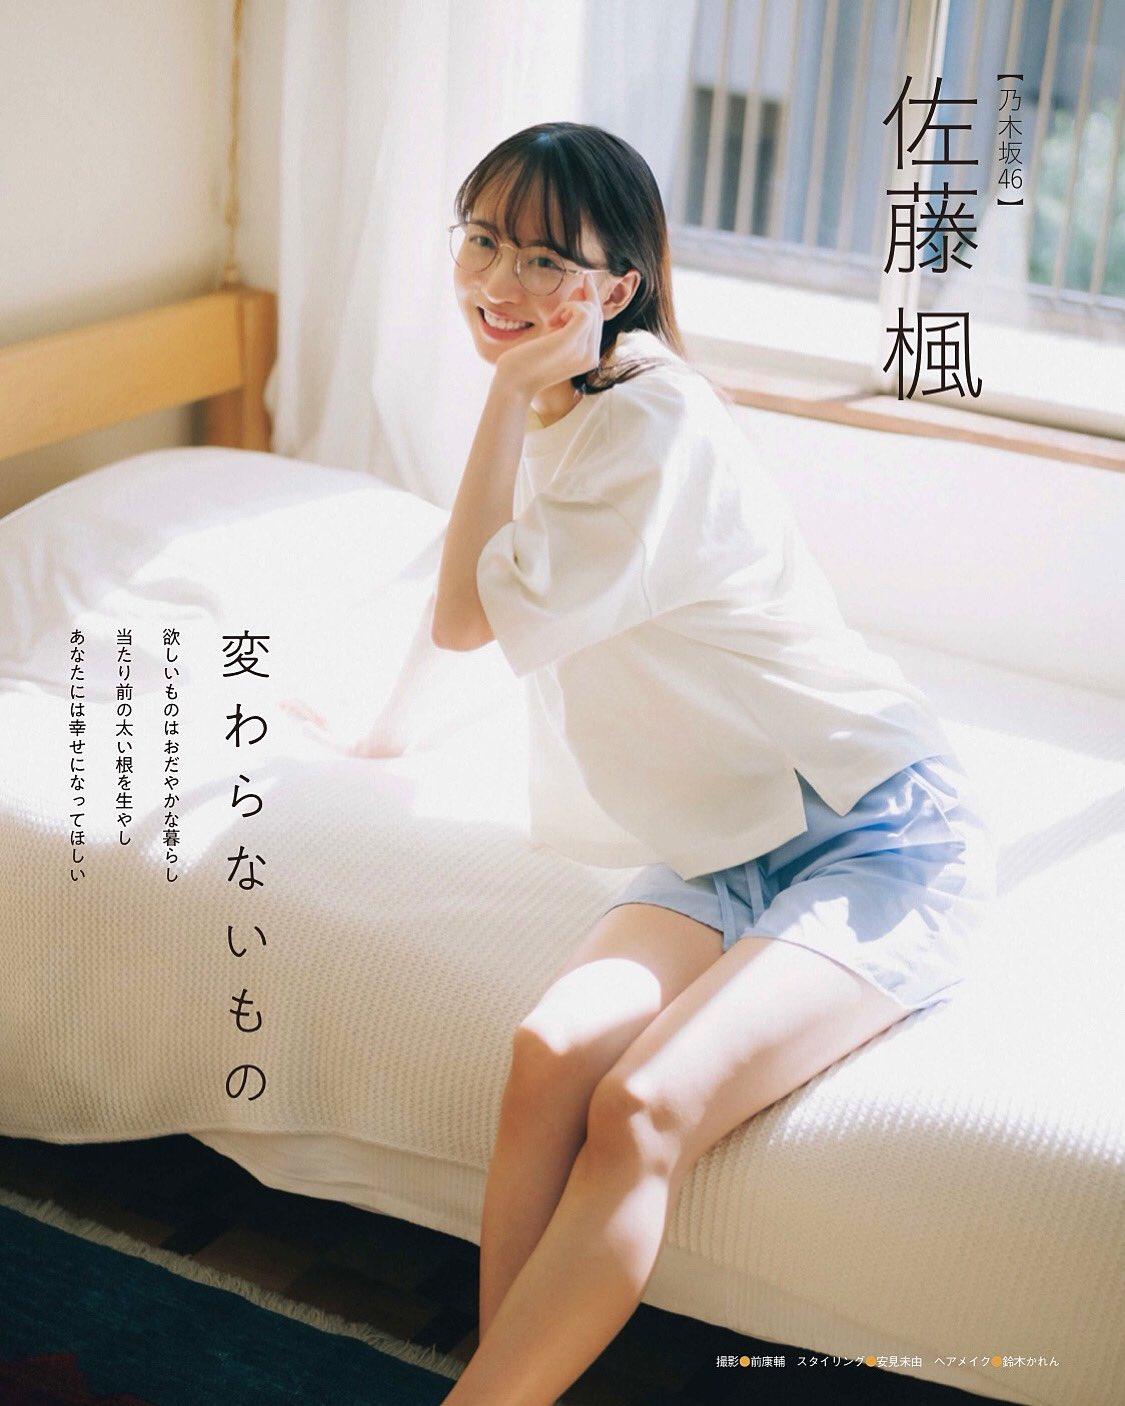 前康輔「今月のEX大衆、乃木坂46の佐藤楓ちゃんを撮っています。全ページとてもとてもかわいいでんちゃんを是非!」